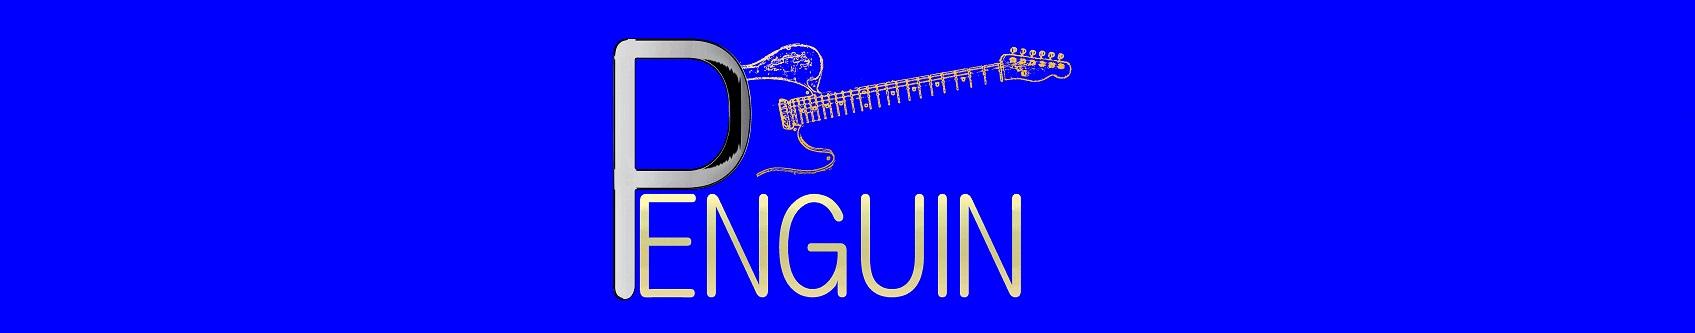 penguinee